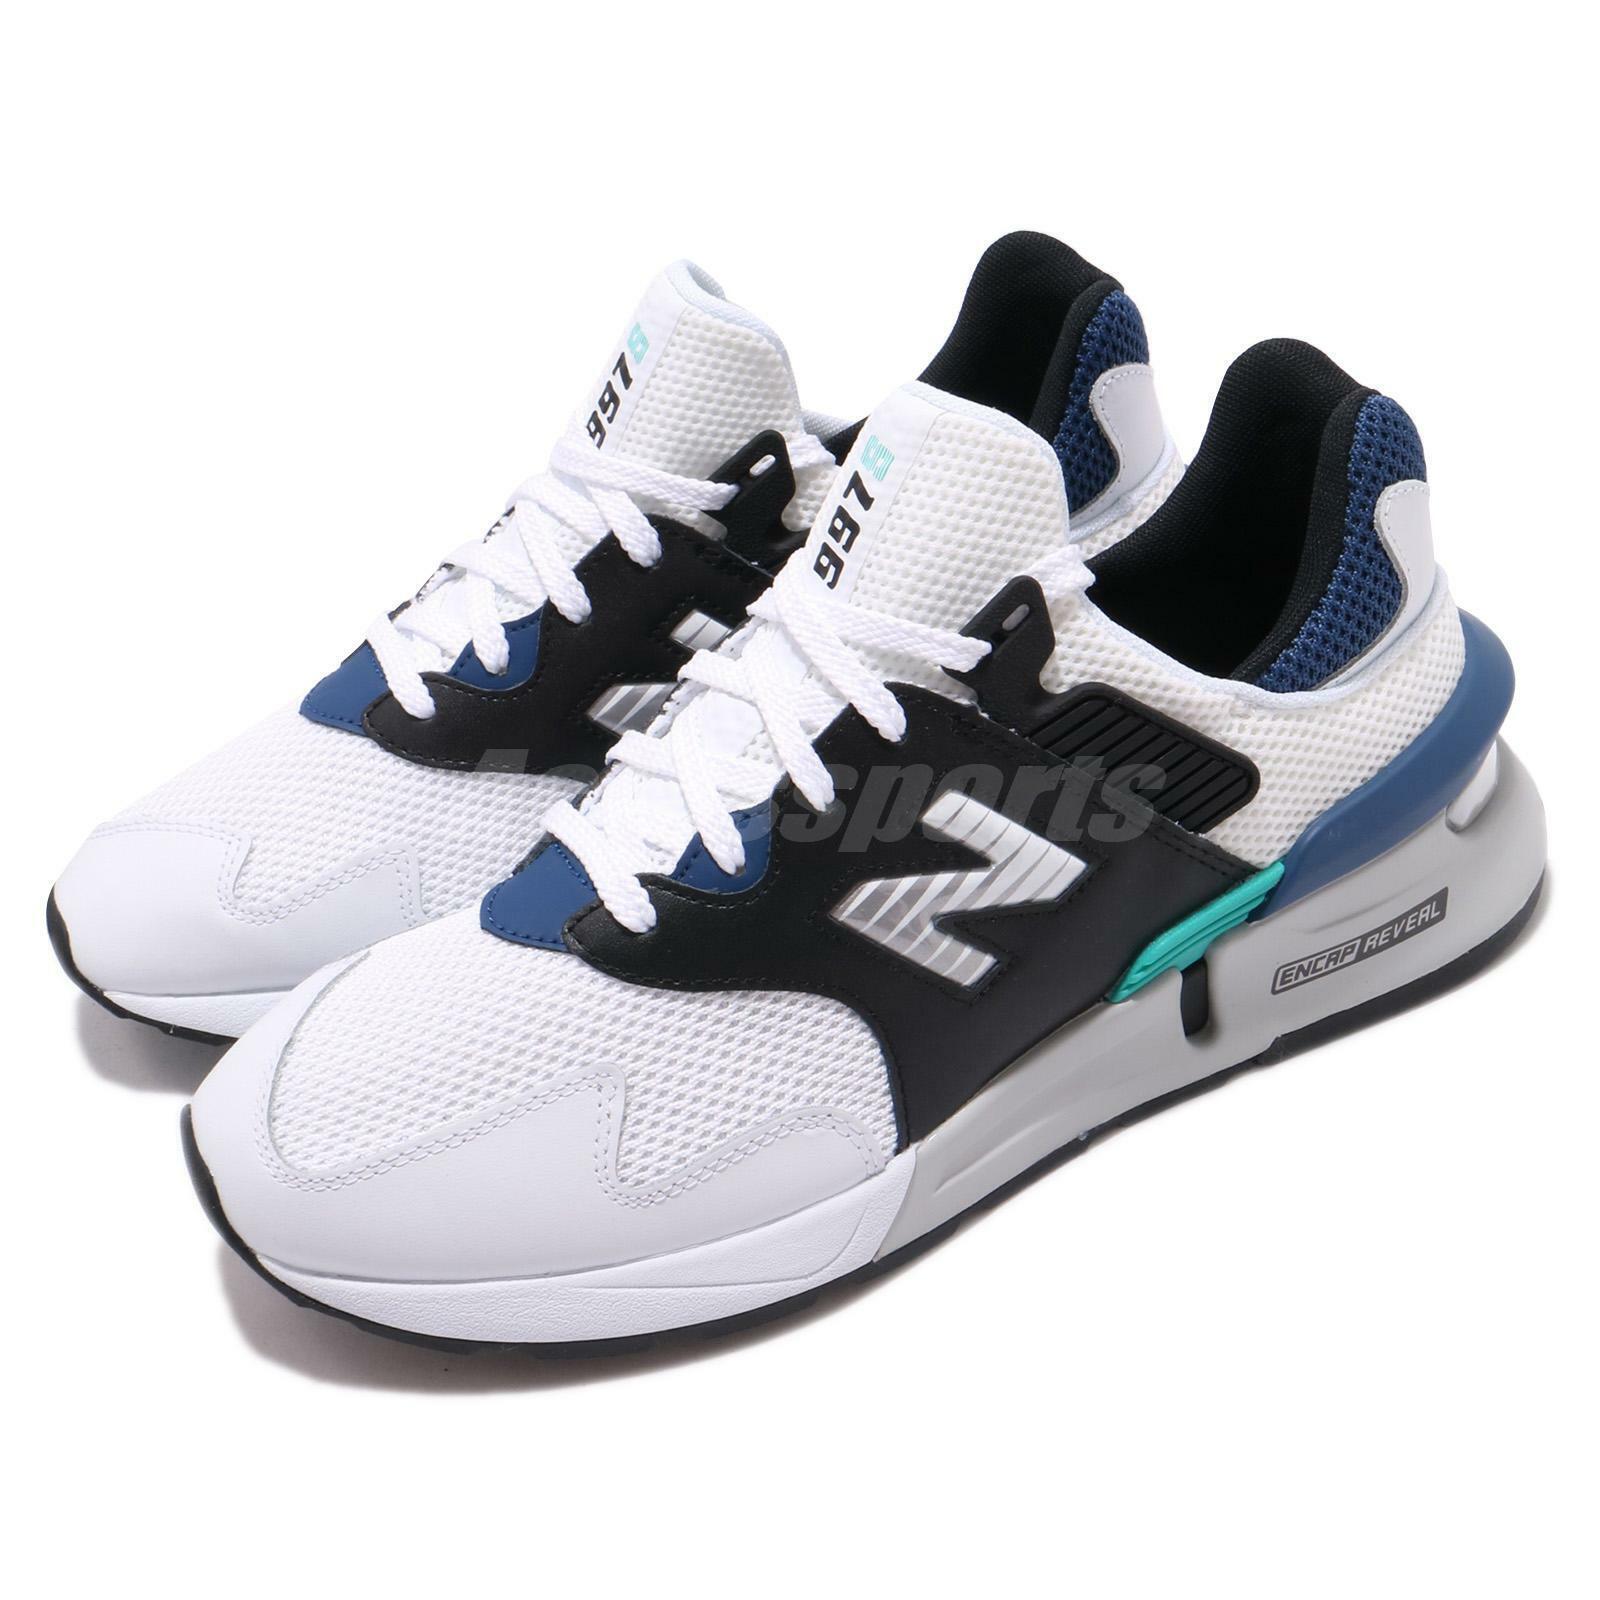 MS997JCD D blancoo Negro New Balance Azul Hombres Para Zapatos Para Correr Zapatillas MS 997 jcdd